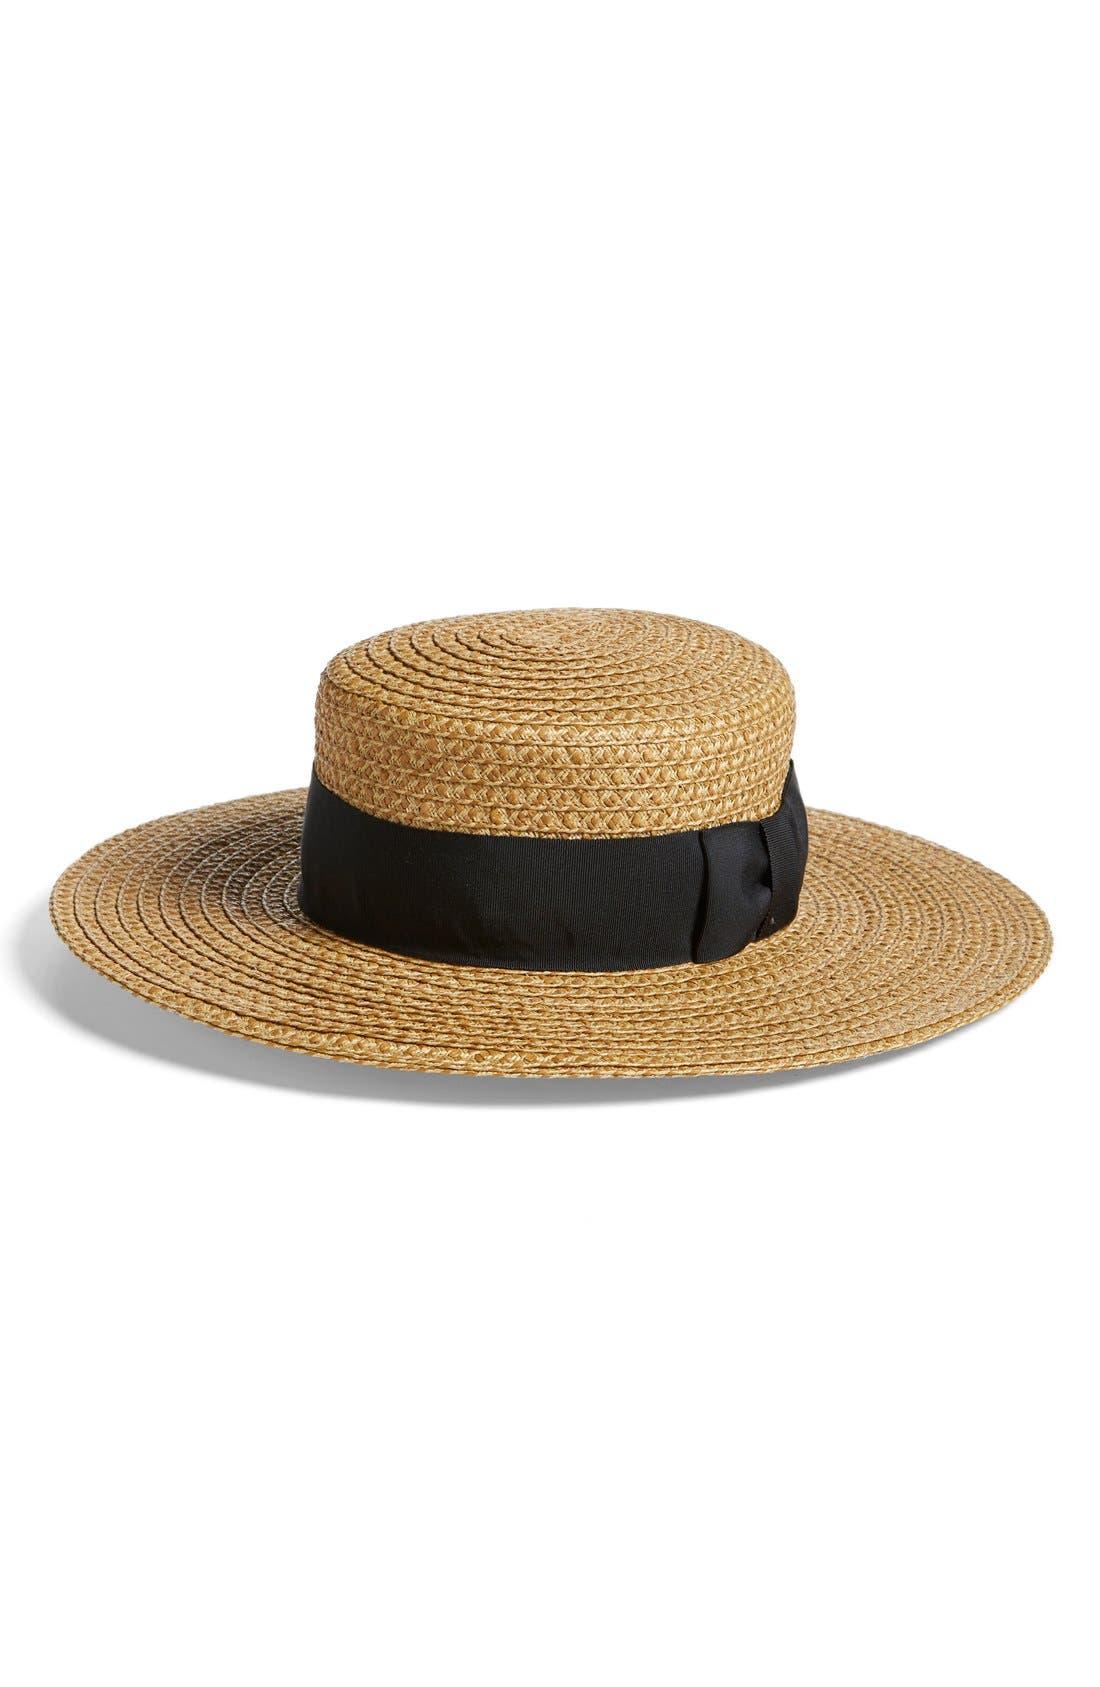 Main Image - Eric Javits 'Gondolier' Boater Hat